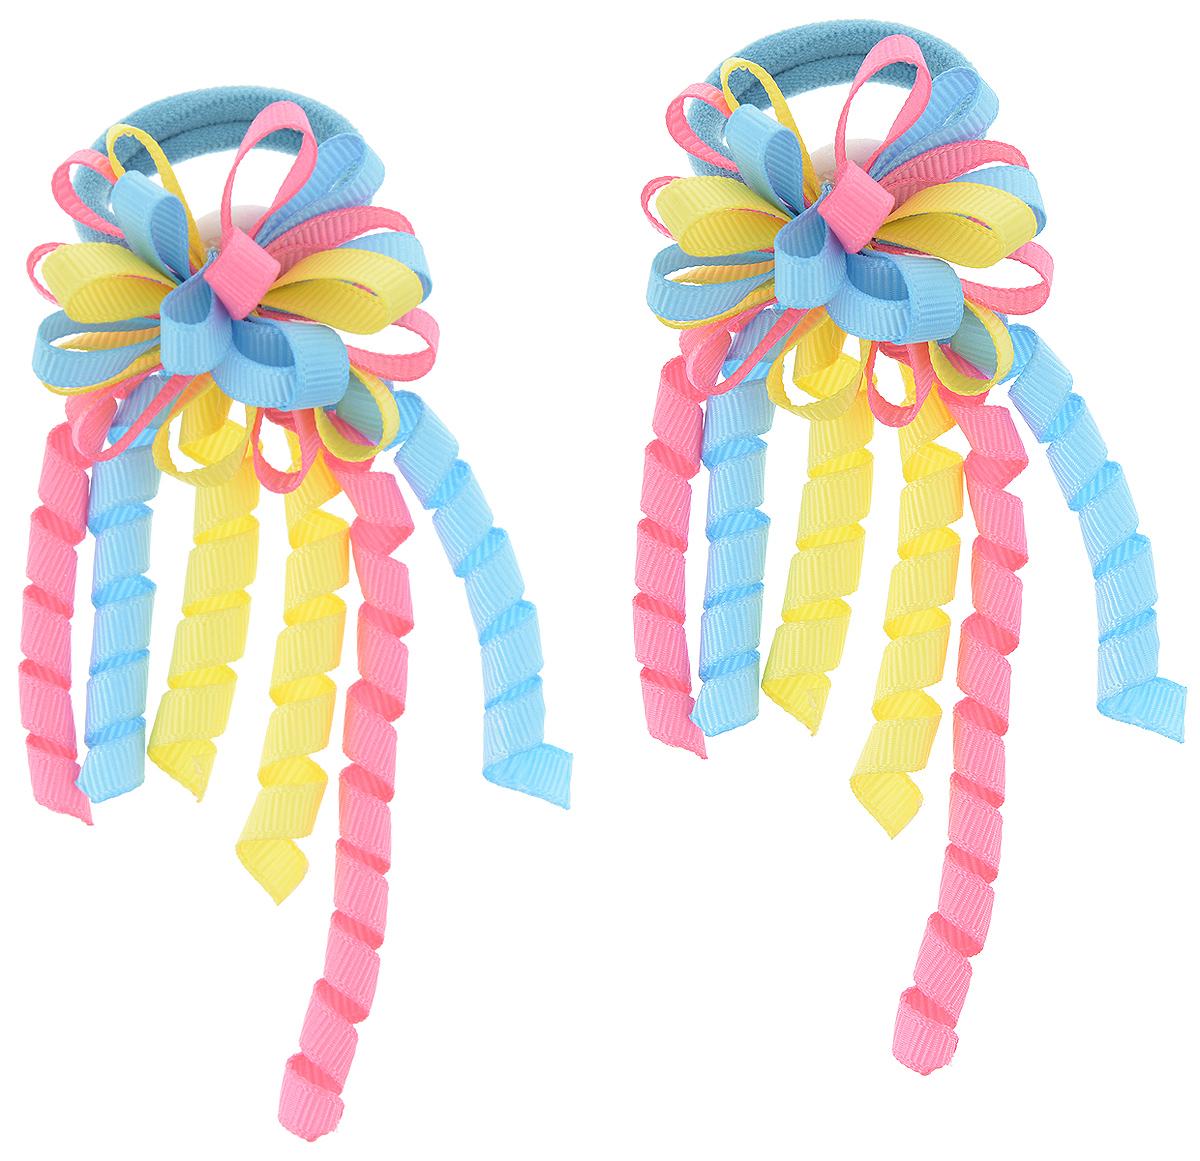 Резинка для волос Baby's Joy, цвет: голубой, розовый, желтый, 2 шт. MN 134/2